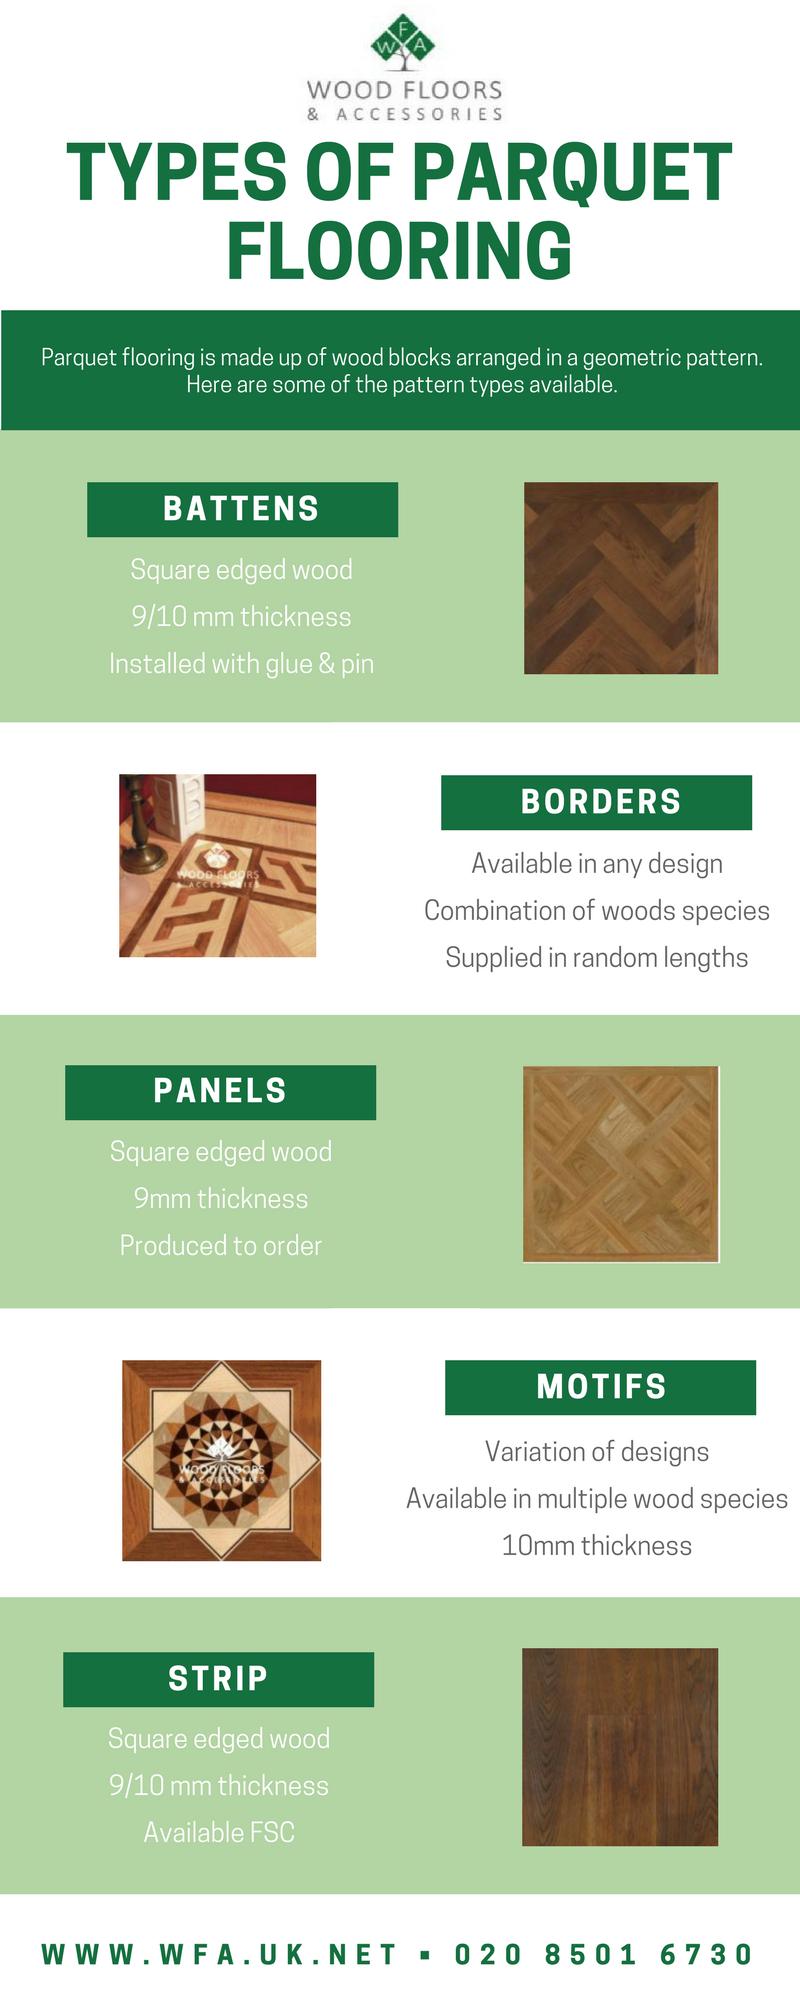 parquet-floor-types-infographic-plaza